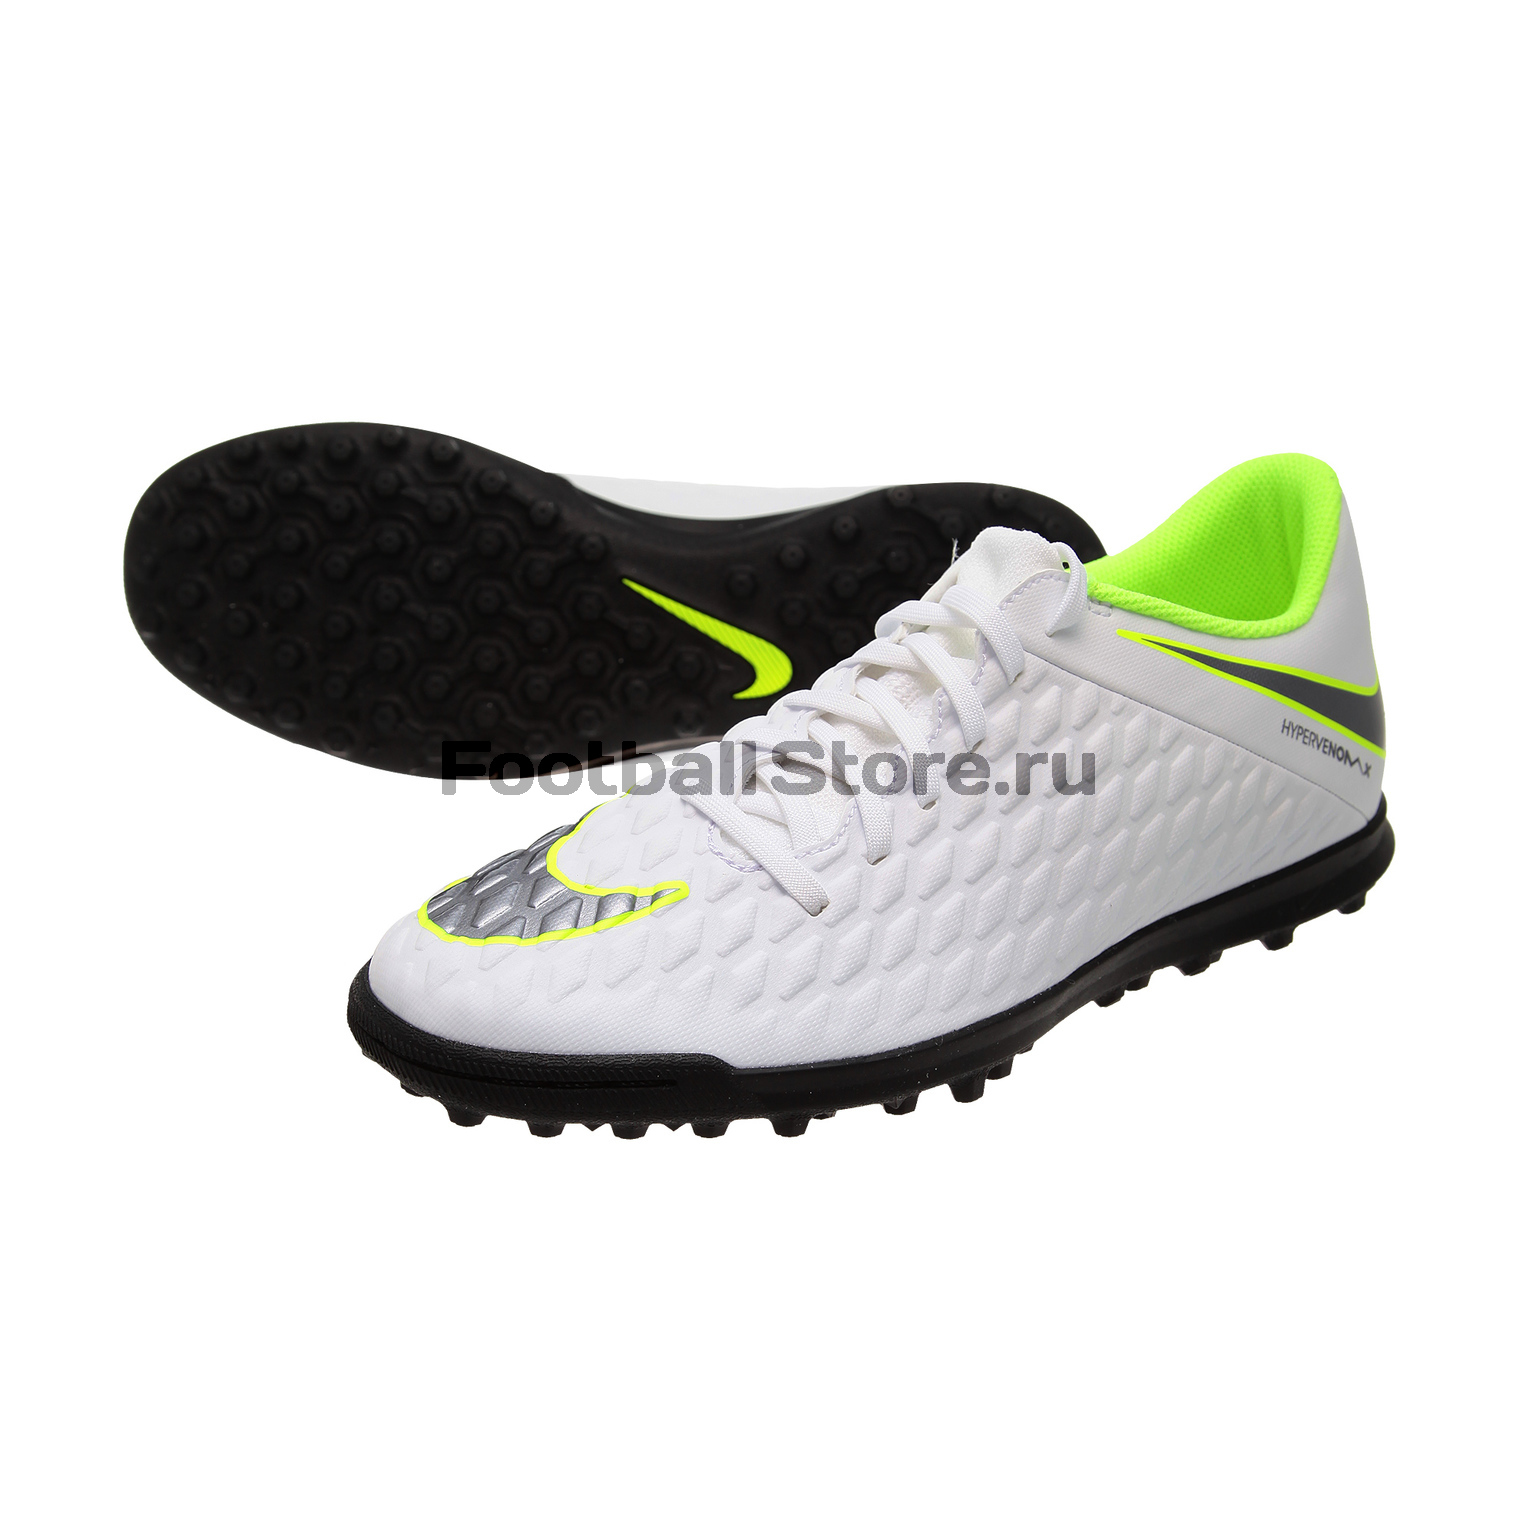 Шиповки Nike Hypervenom 3 Club TF AJ3811-107 шиповки nike lunar legendx 7 pro tf ah7249 080